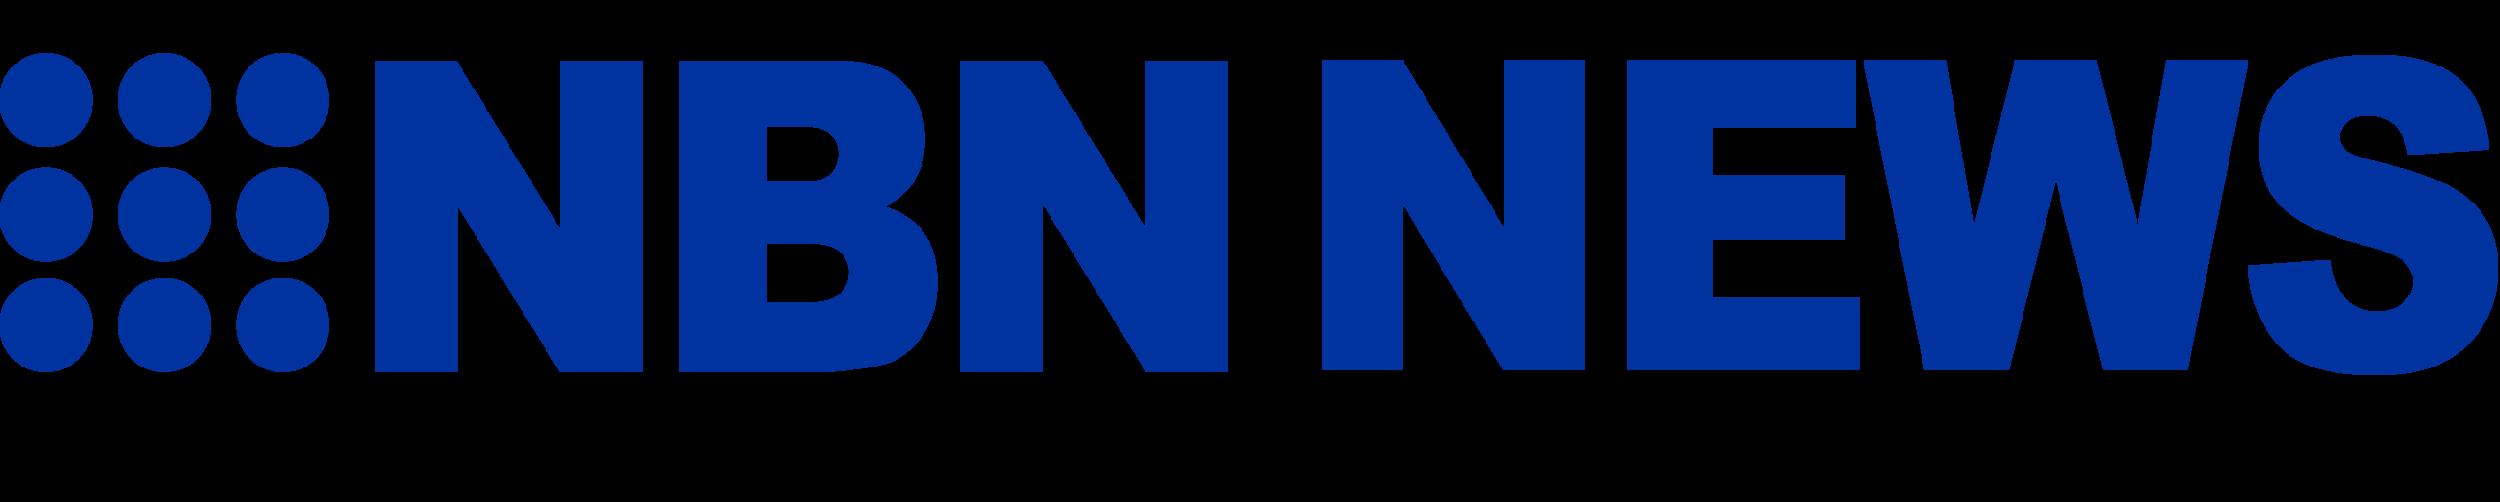 NBN NEWS_PMS286.png